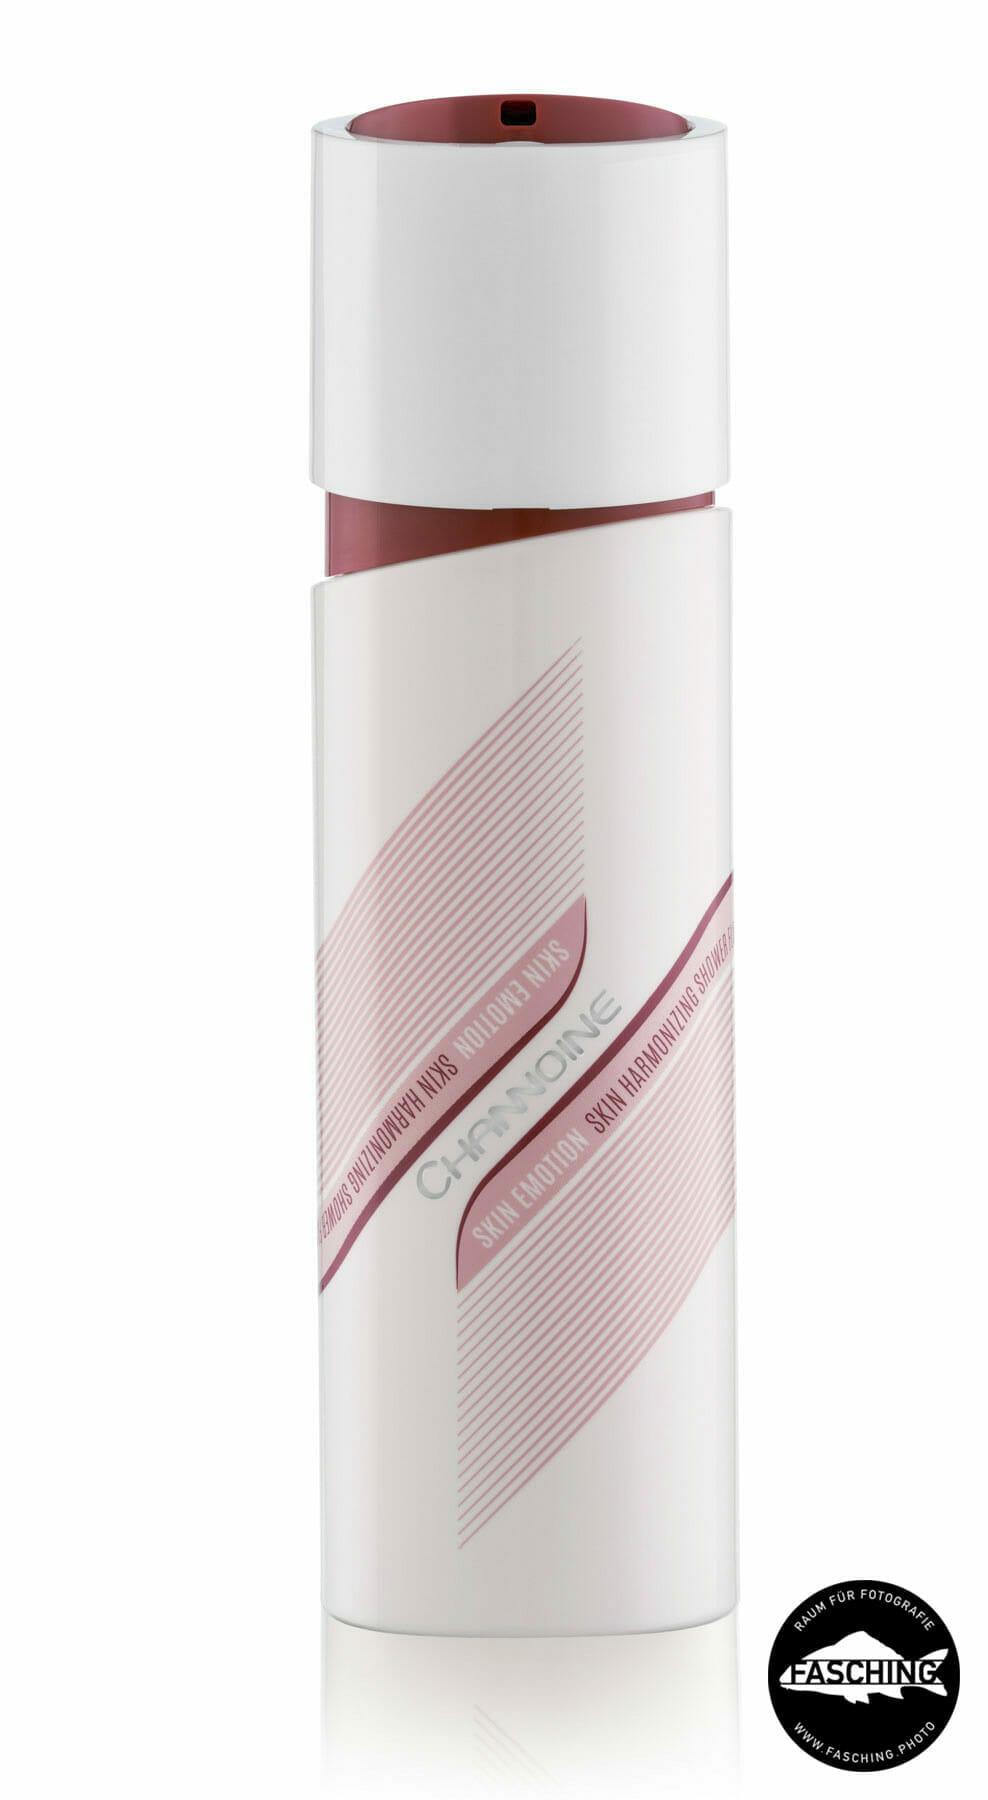 Produktaufnahmen der Channoine Kosmetikprodukte von Reinhard Fasching